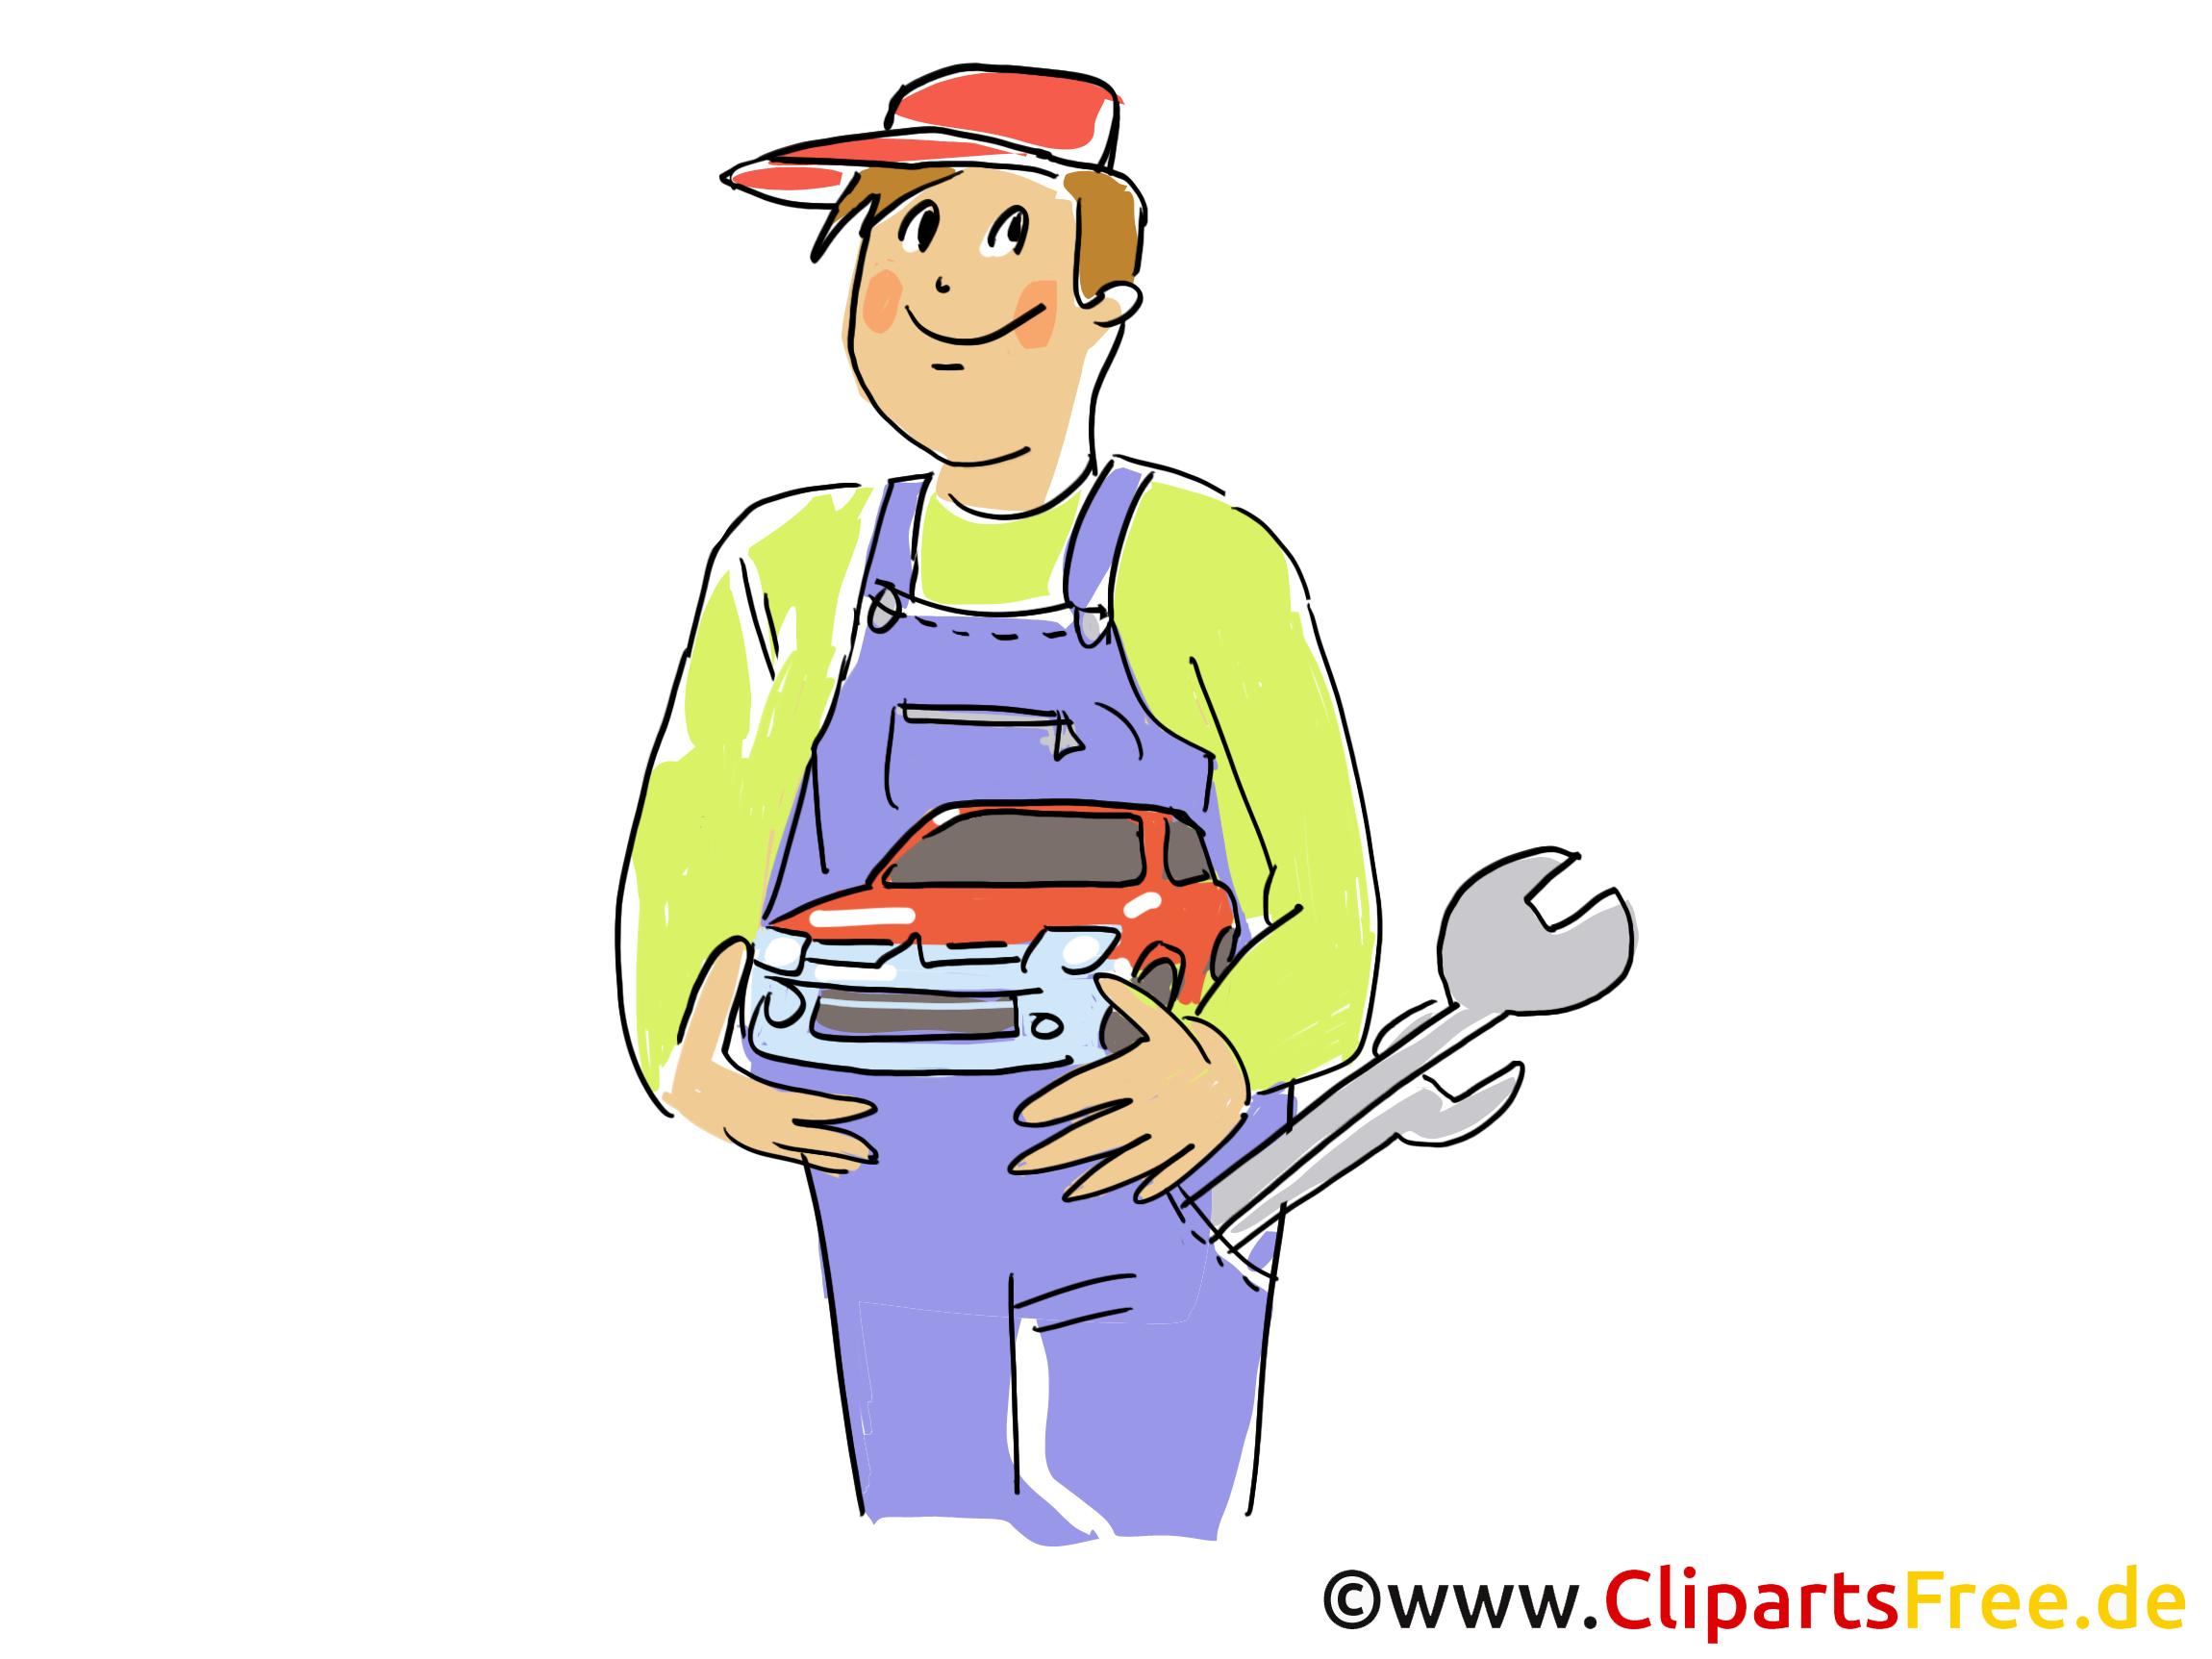 Mécanicien image à télécharger - Voiture clipart